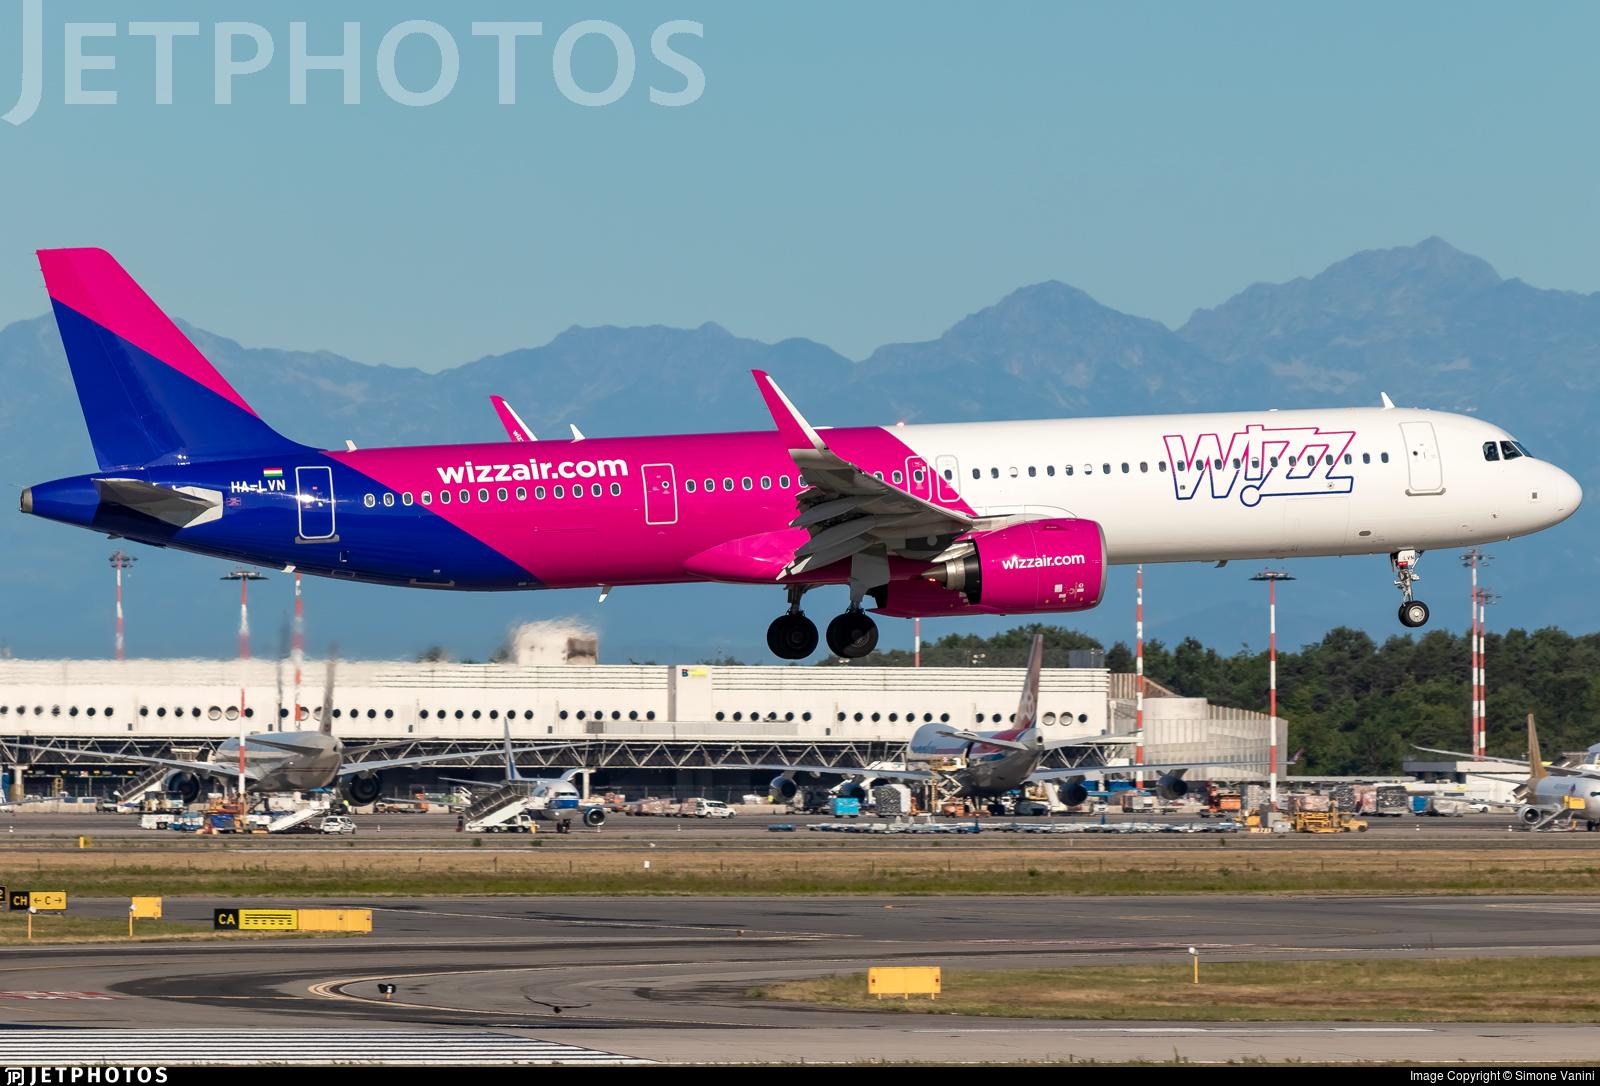 HA-LVN - Airbus A321-271NX - Wizz Air